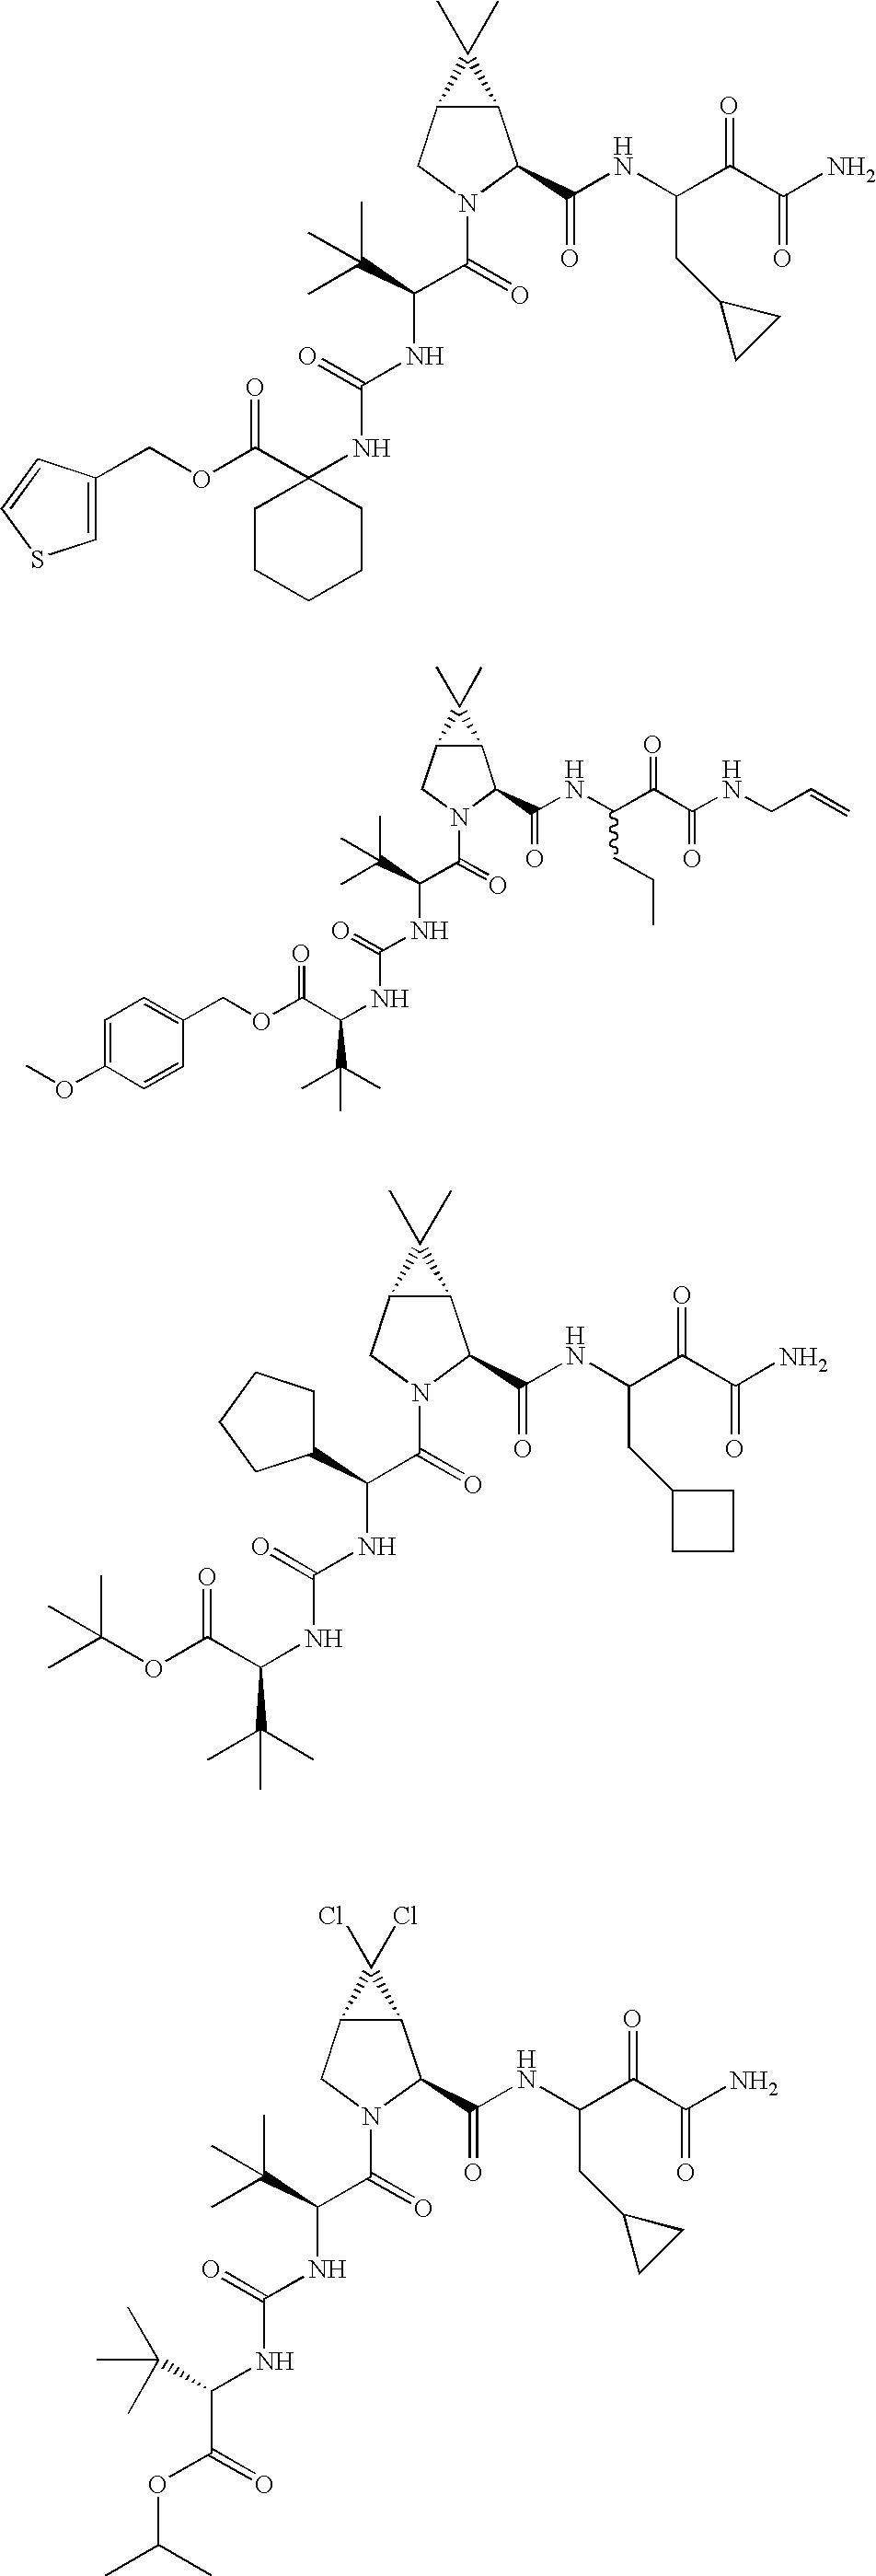 Figure US20060287248A1-20061221-C00280